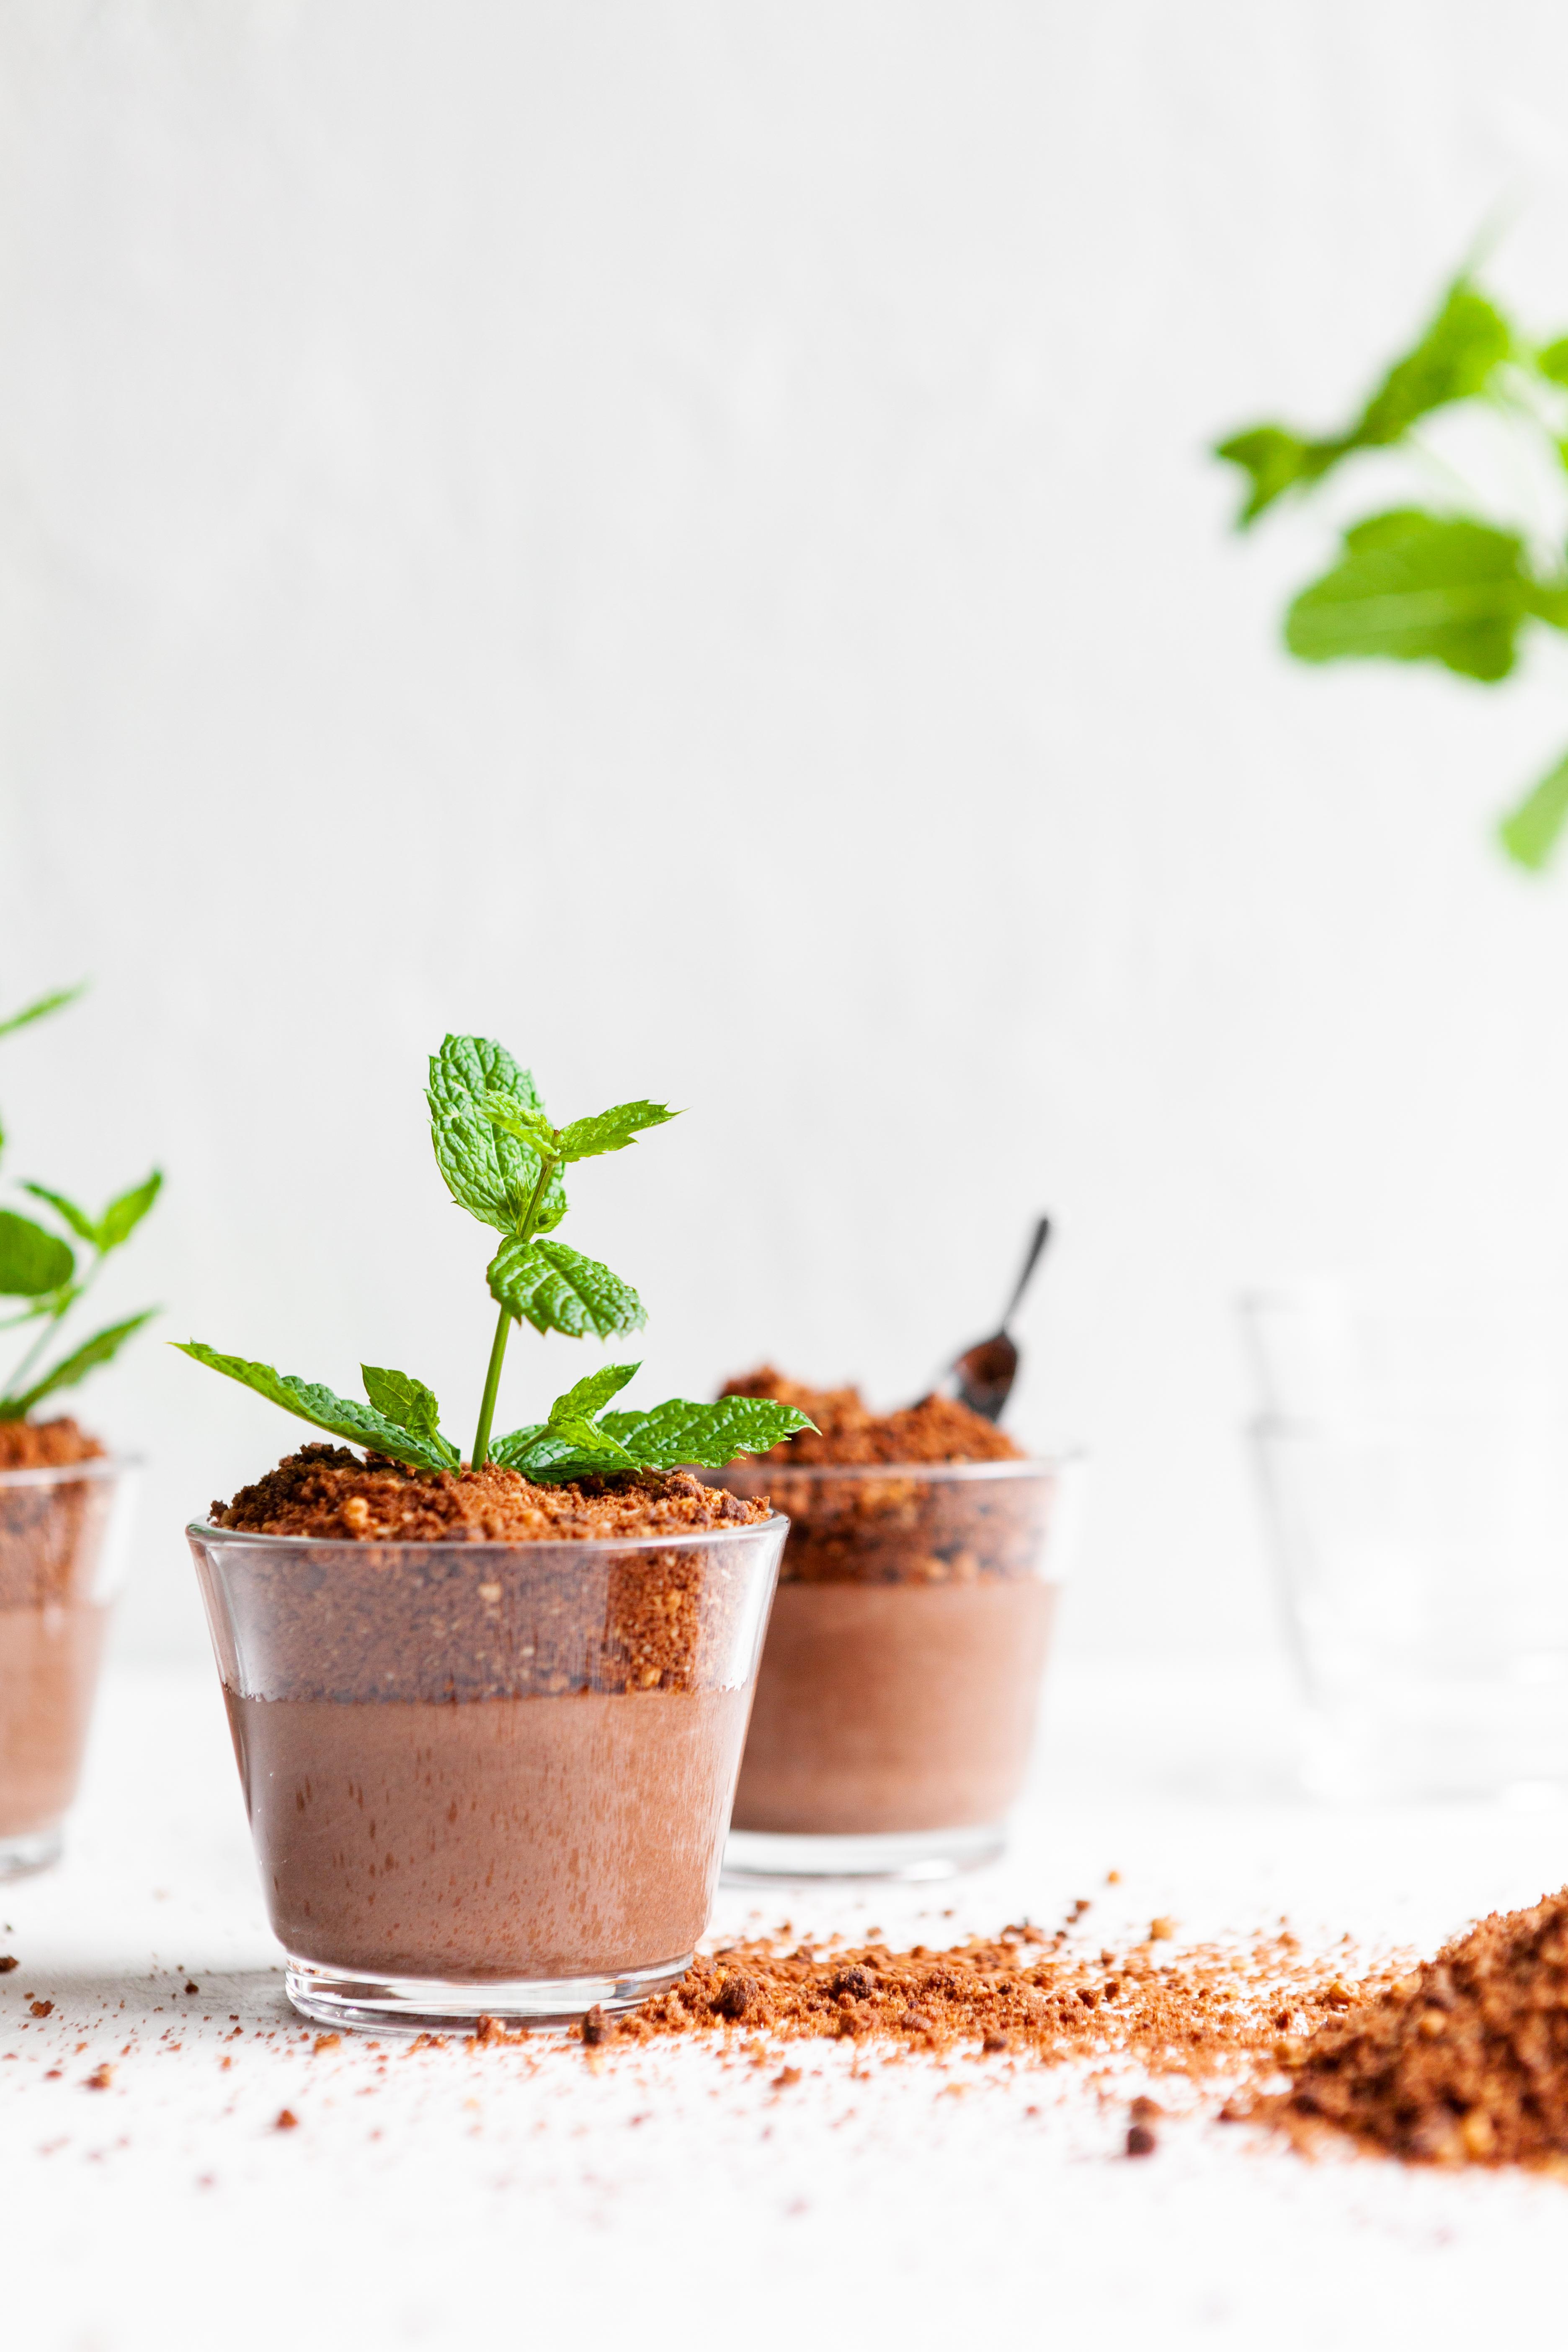 EVA magazine Winter 2019 - vegan voor vleeseters -  puddingplantjes